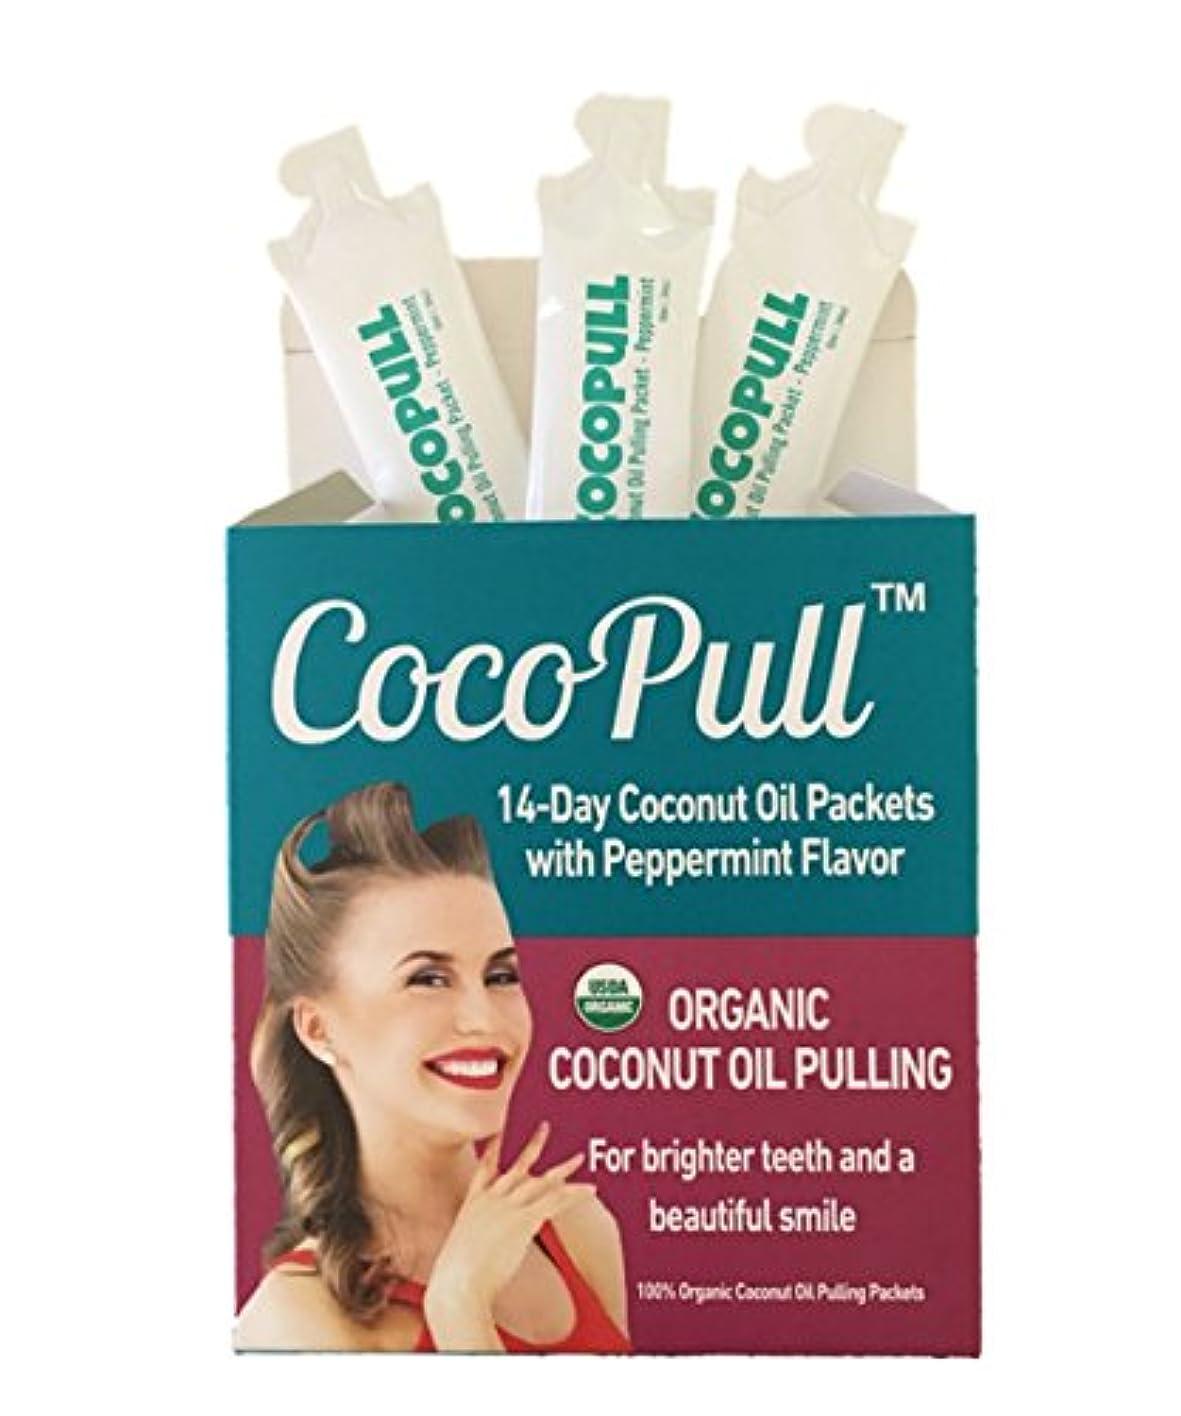 撤退加速度告白AVIVA PURE CocoPull Organic ココナッツオイル Pulling Natural Teeth Whitener 14pack